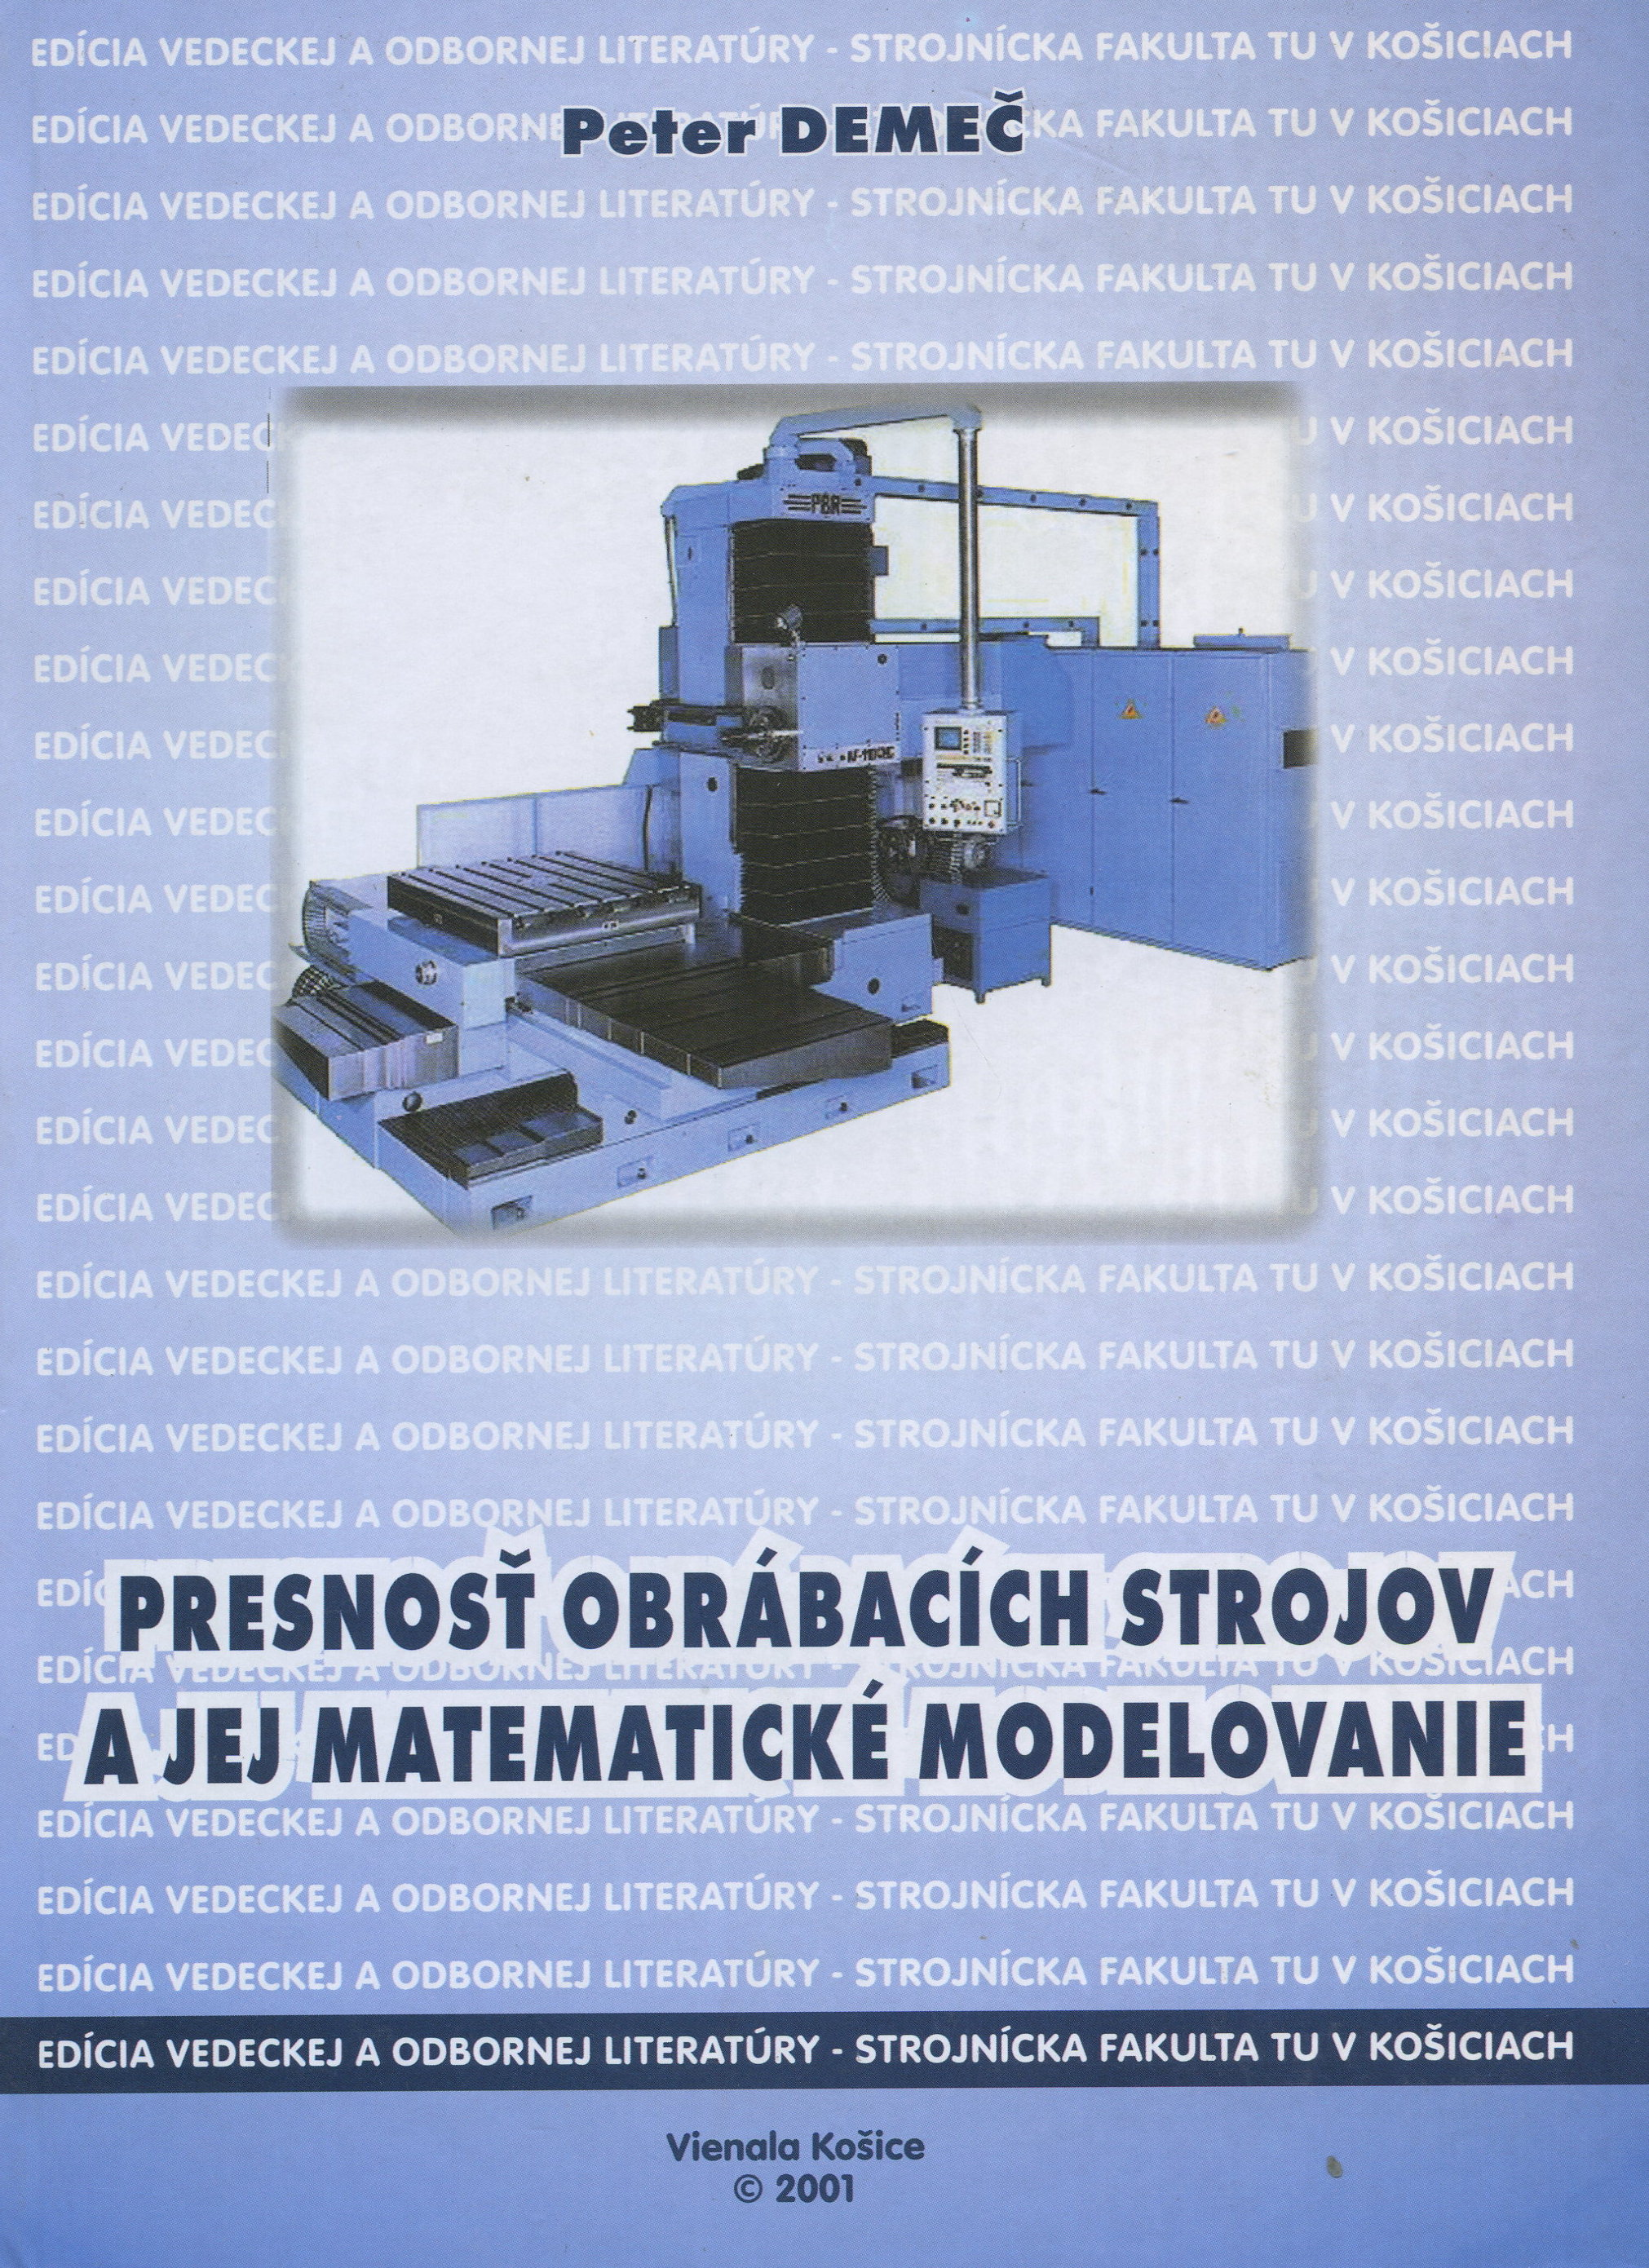 Presnosť obrábacích strojov a jej matematické modelovanie.